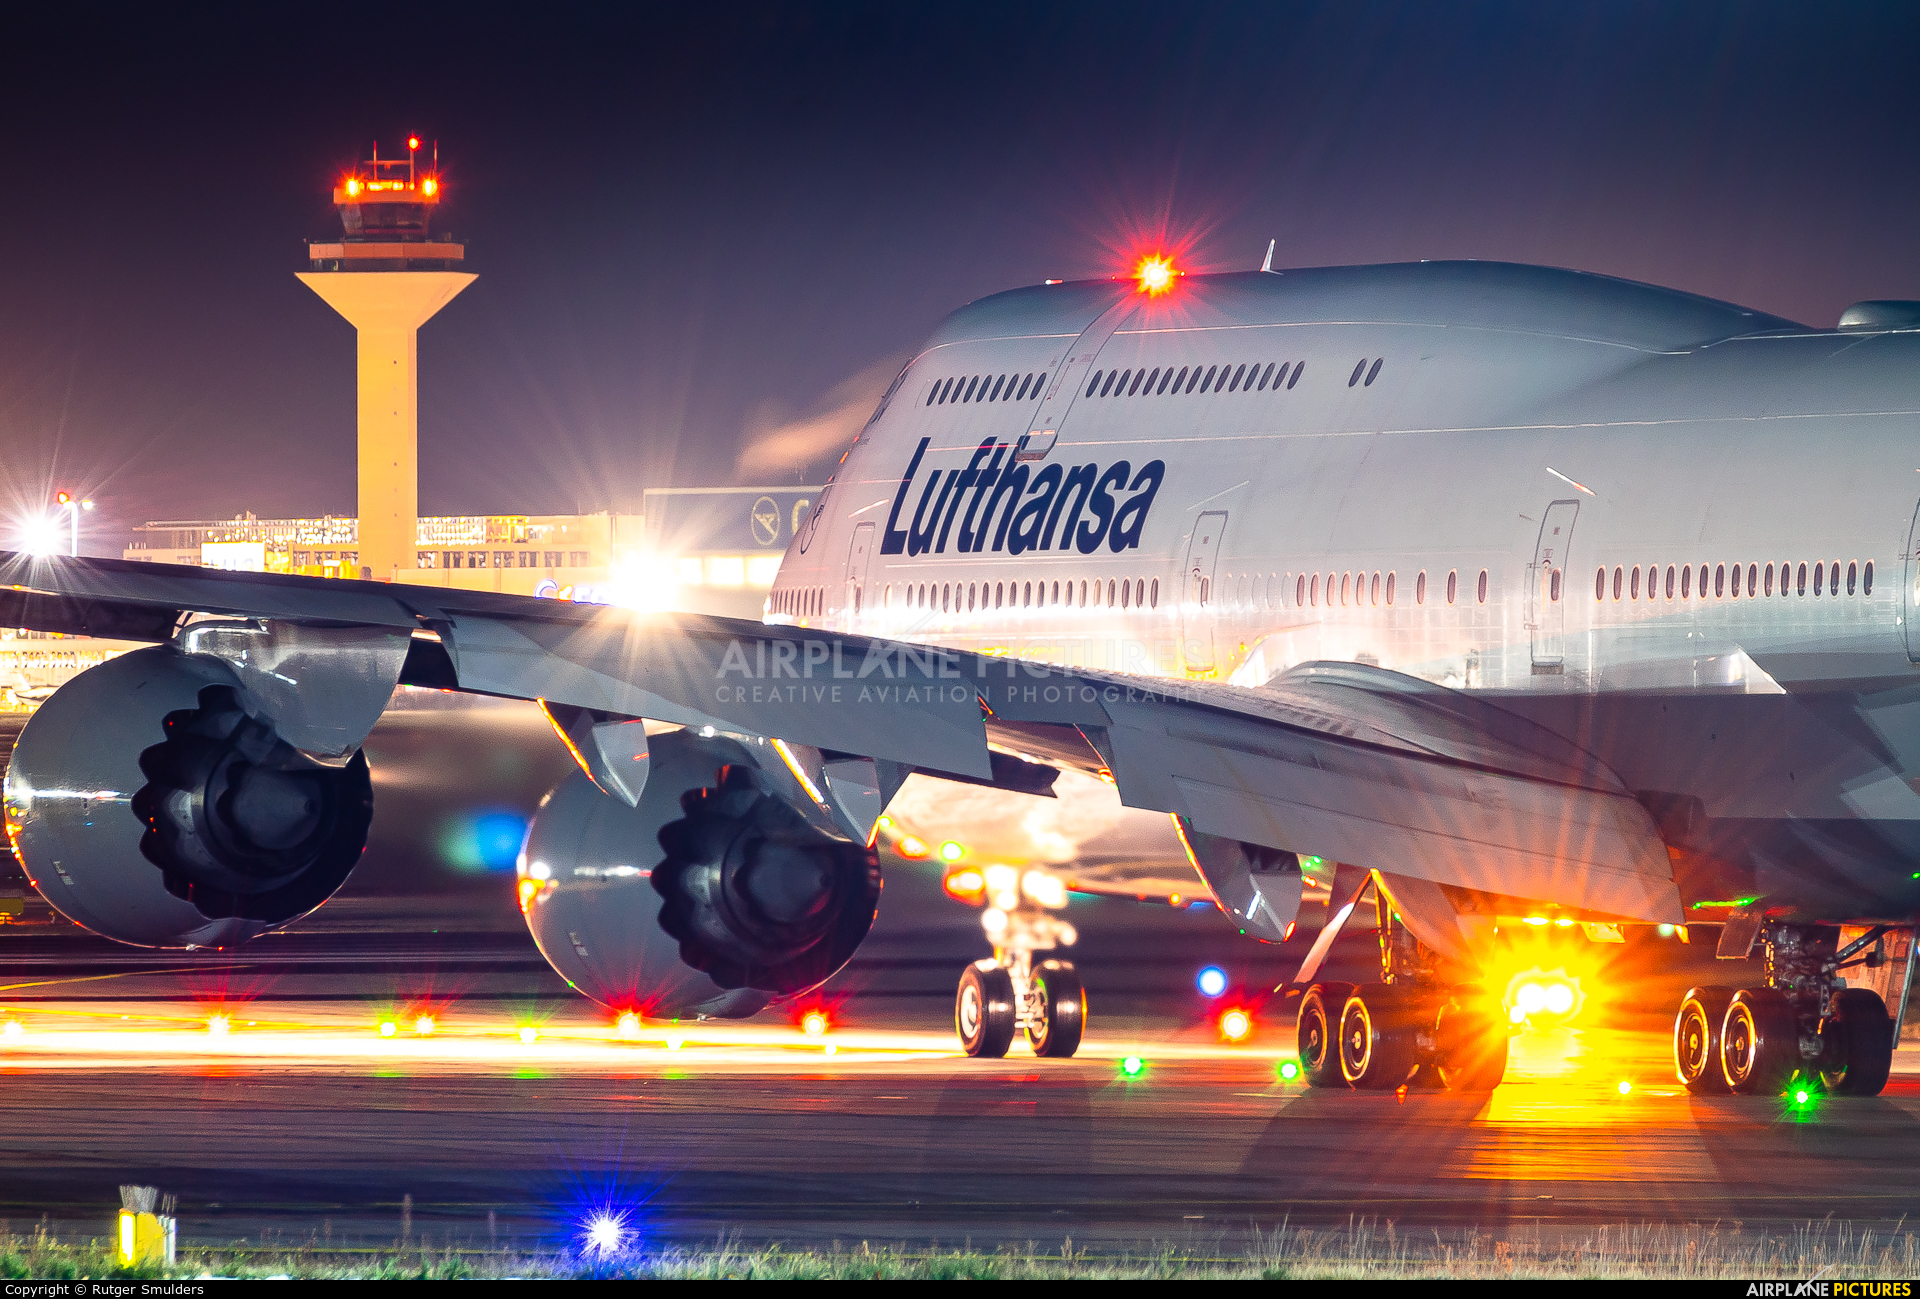 Lufthansa D-ABYG aircraft at Frankfurt